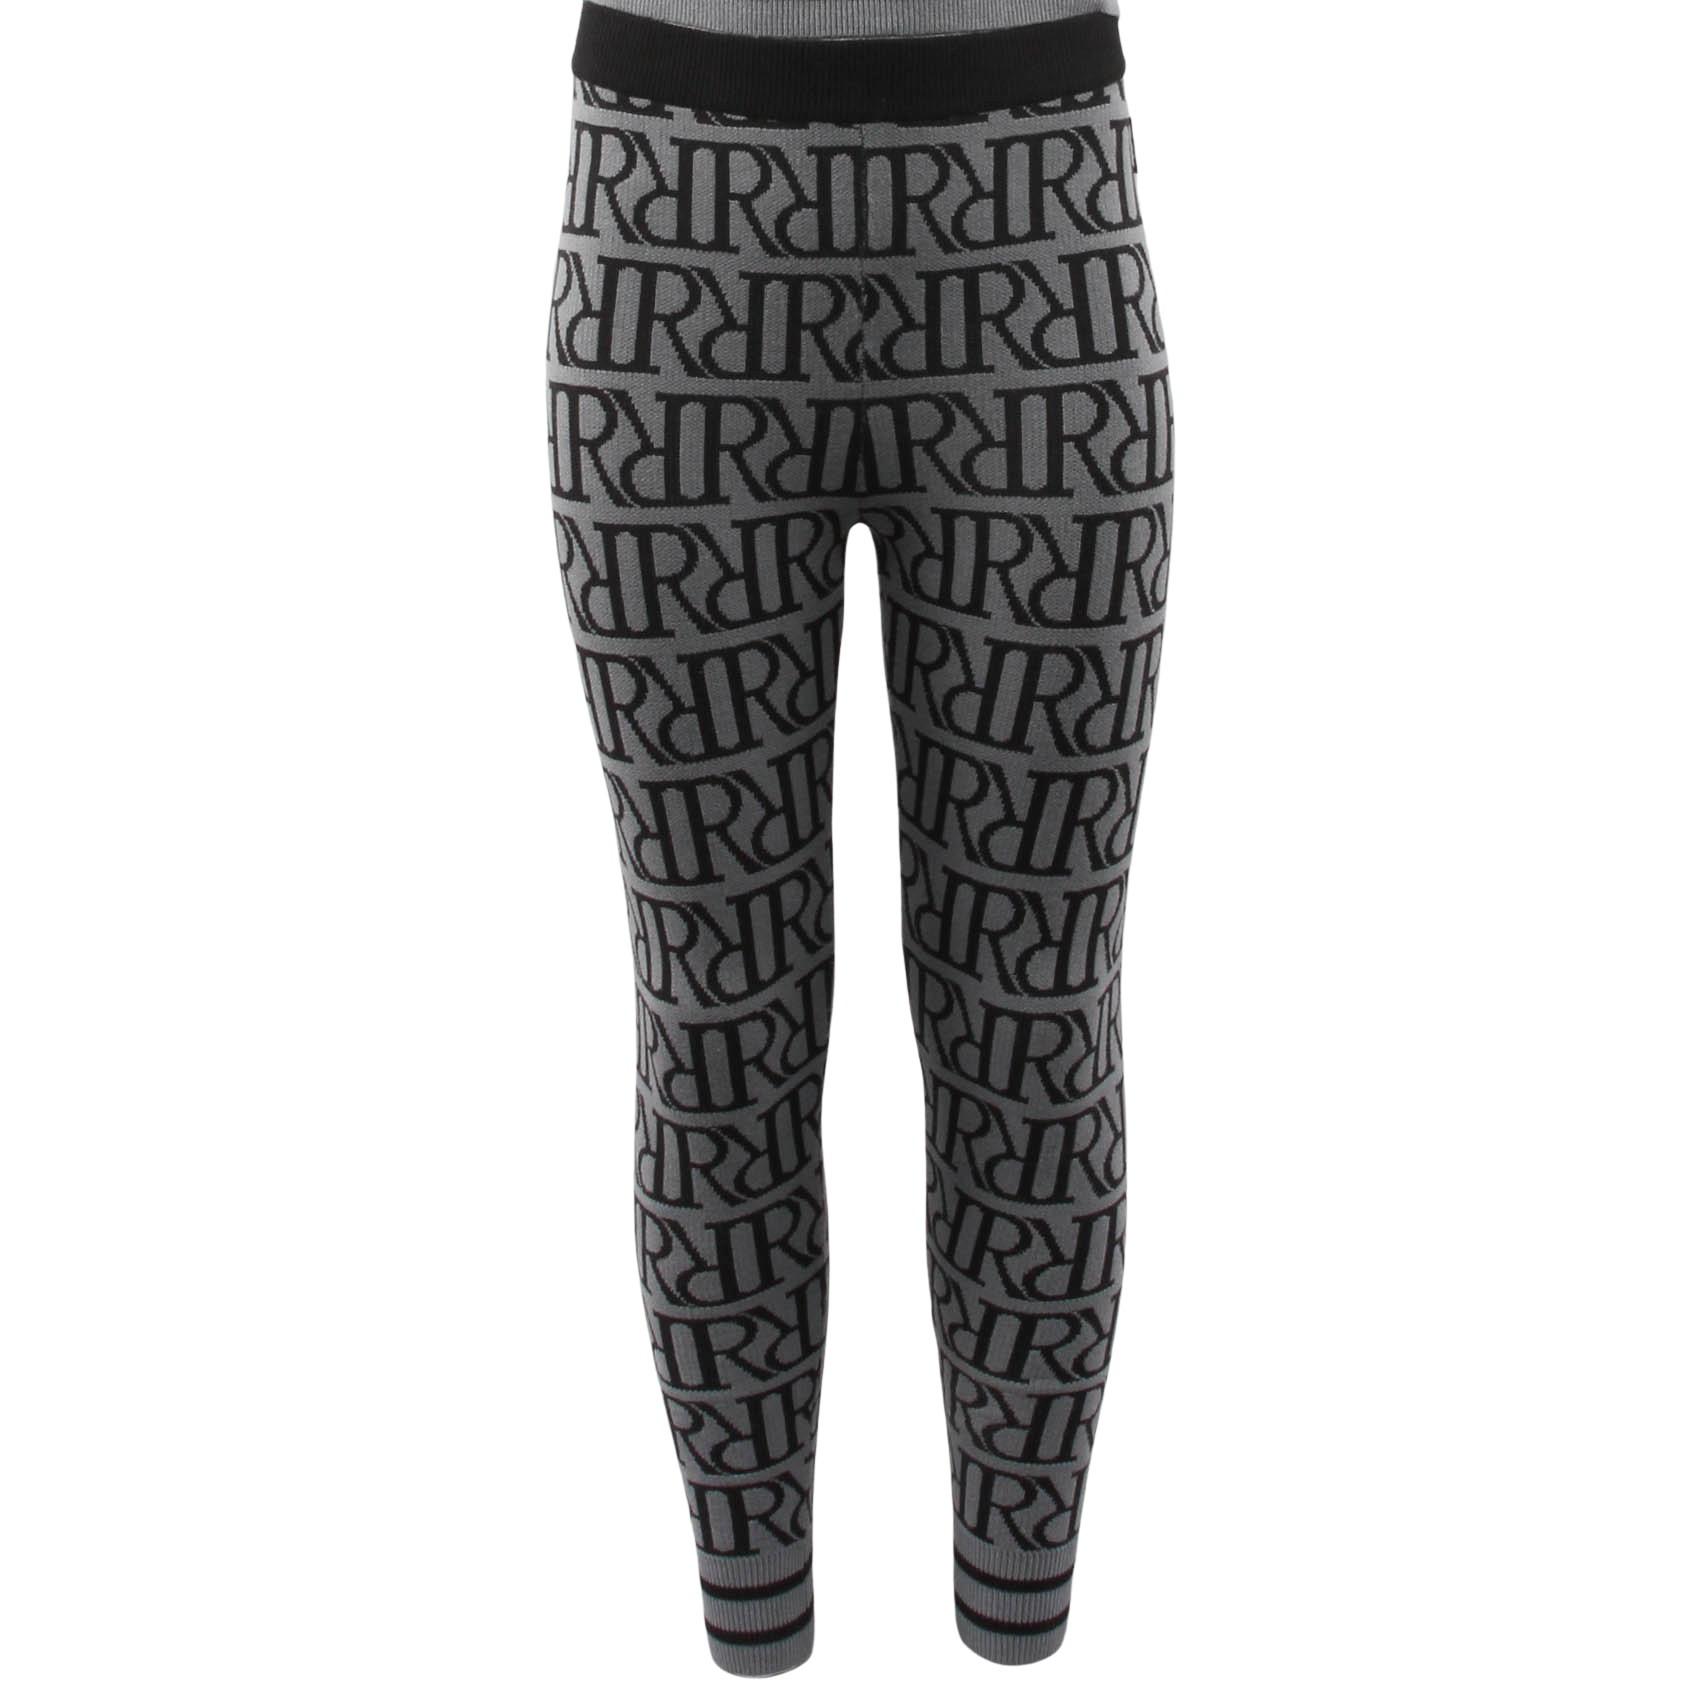 Afbeelding van Reinders Rr print pants grijs